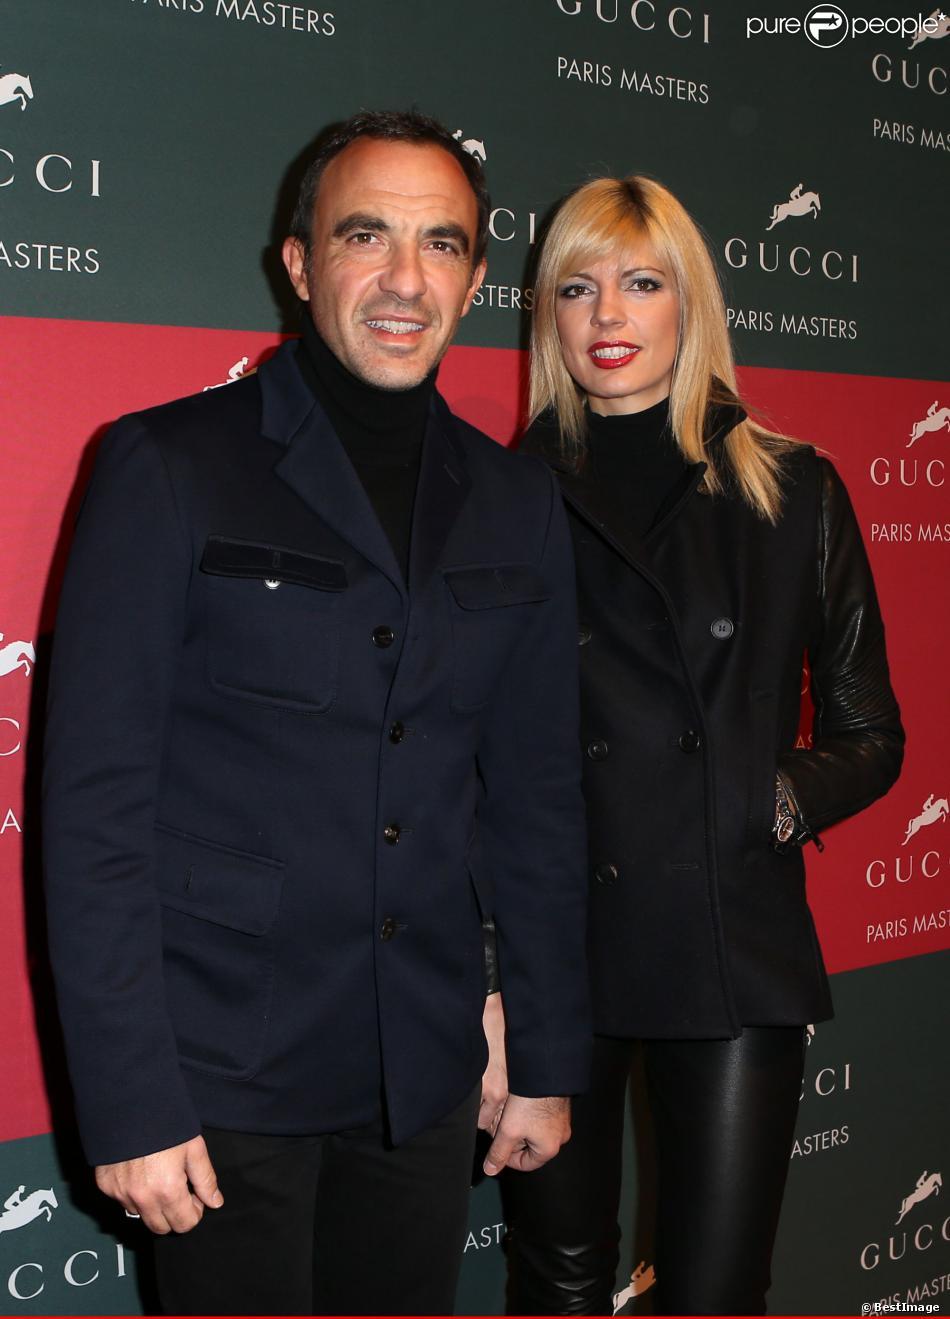 Nikos Aliagas et sa compagne Tina Grigoriou lors de l'épreuve Style & Competition for AMADE aux Gucci Masters de Villepinte le 7 décembre 2013